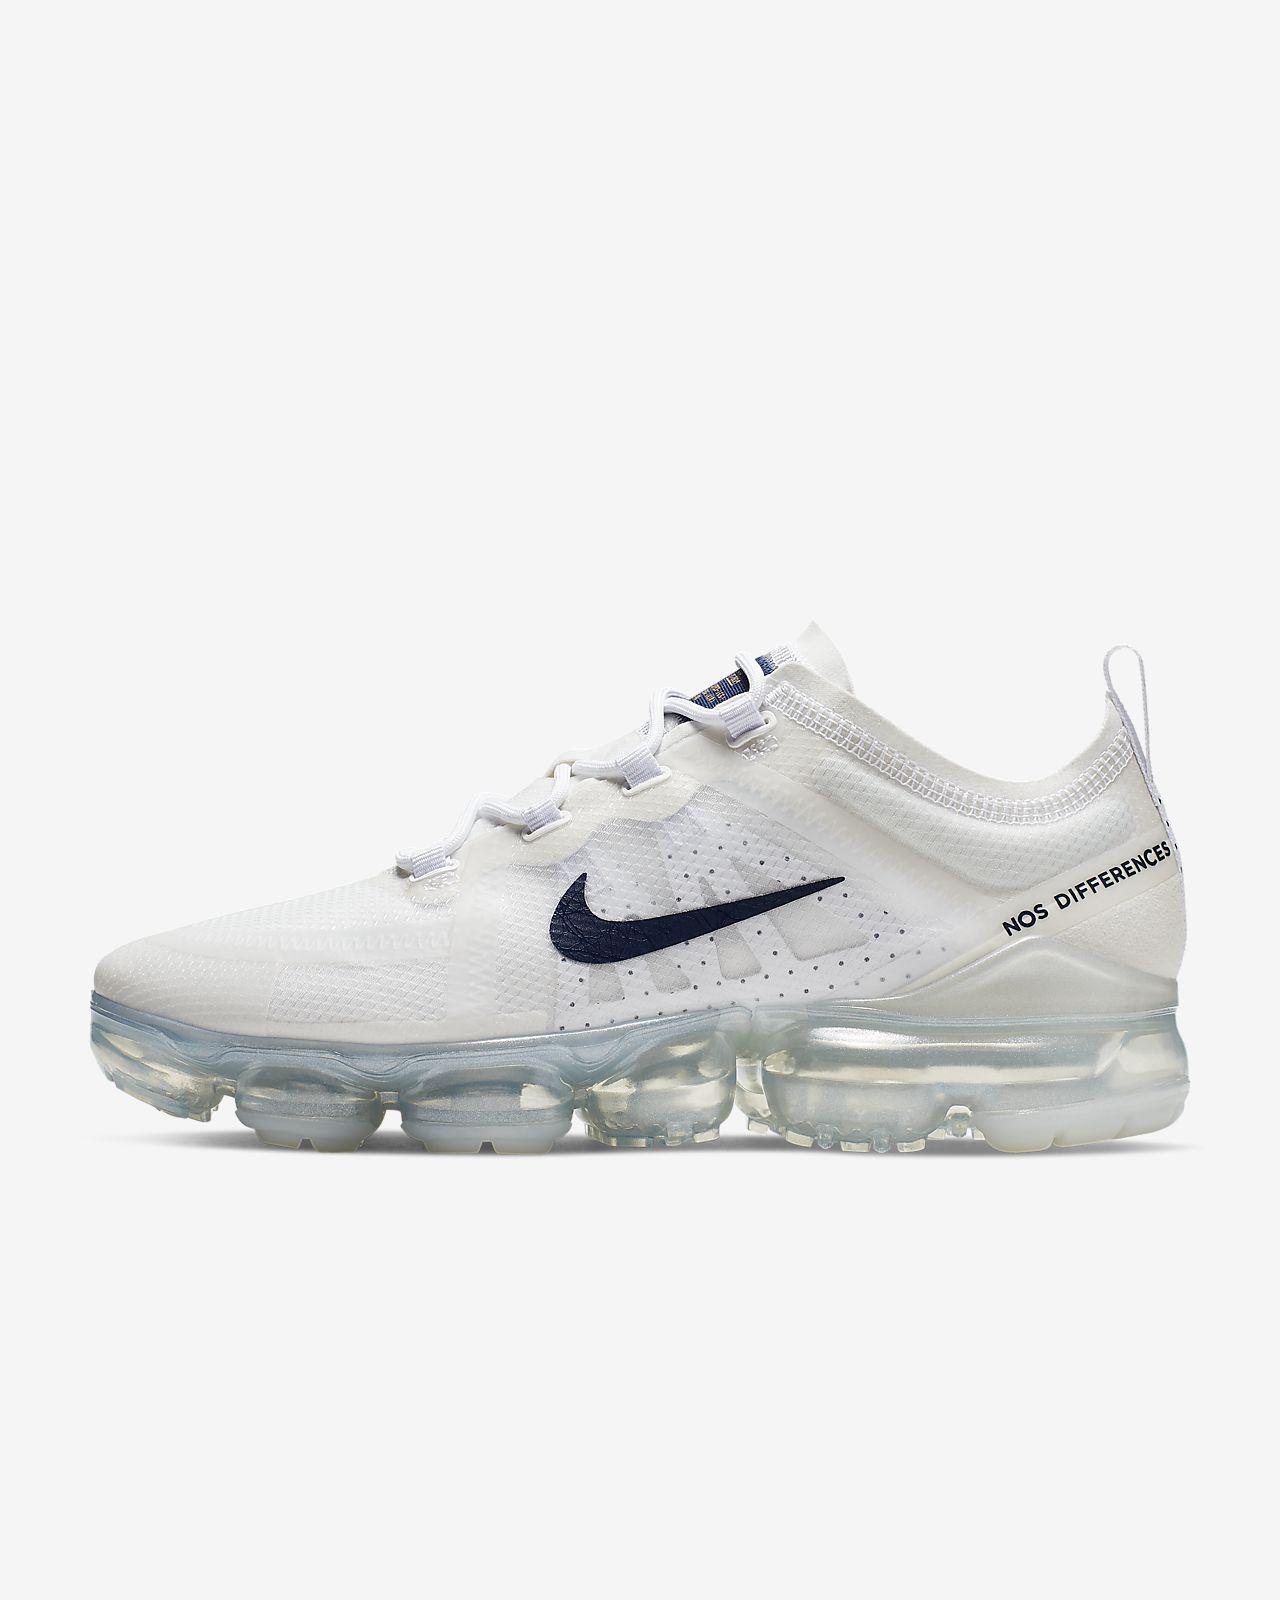 Γυναικείο παπούτσι Nike Air VaporMax 2019 Unité Totale